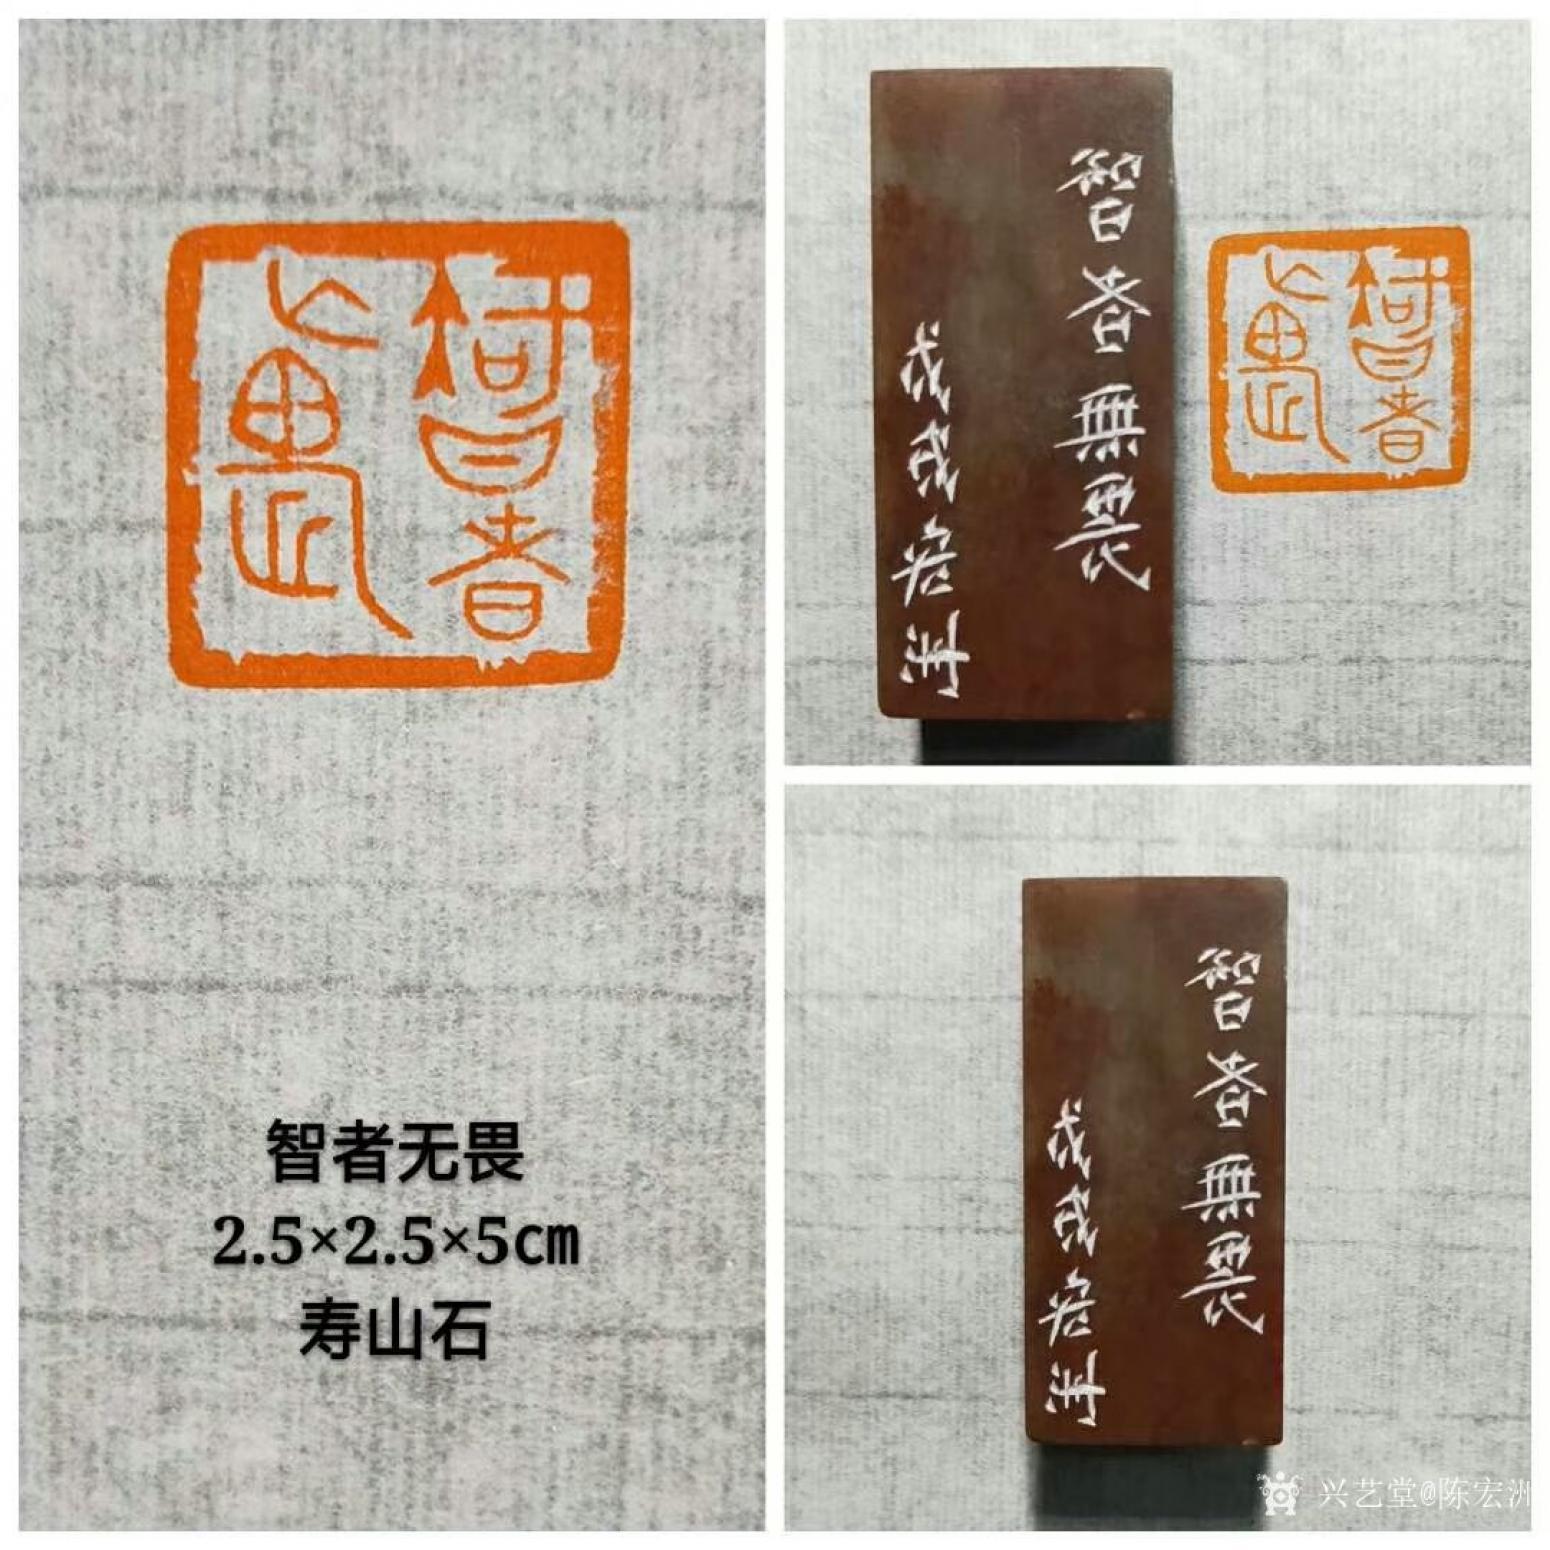 陈宏洲雕刻作品《智者无畏》【图0】